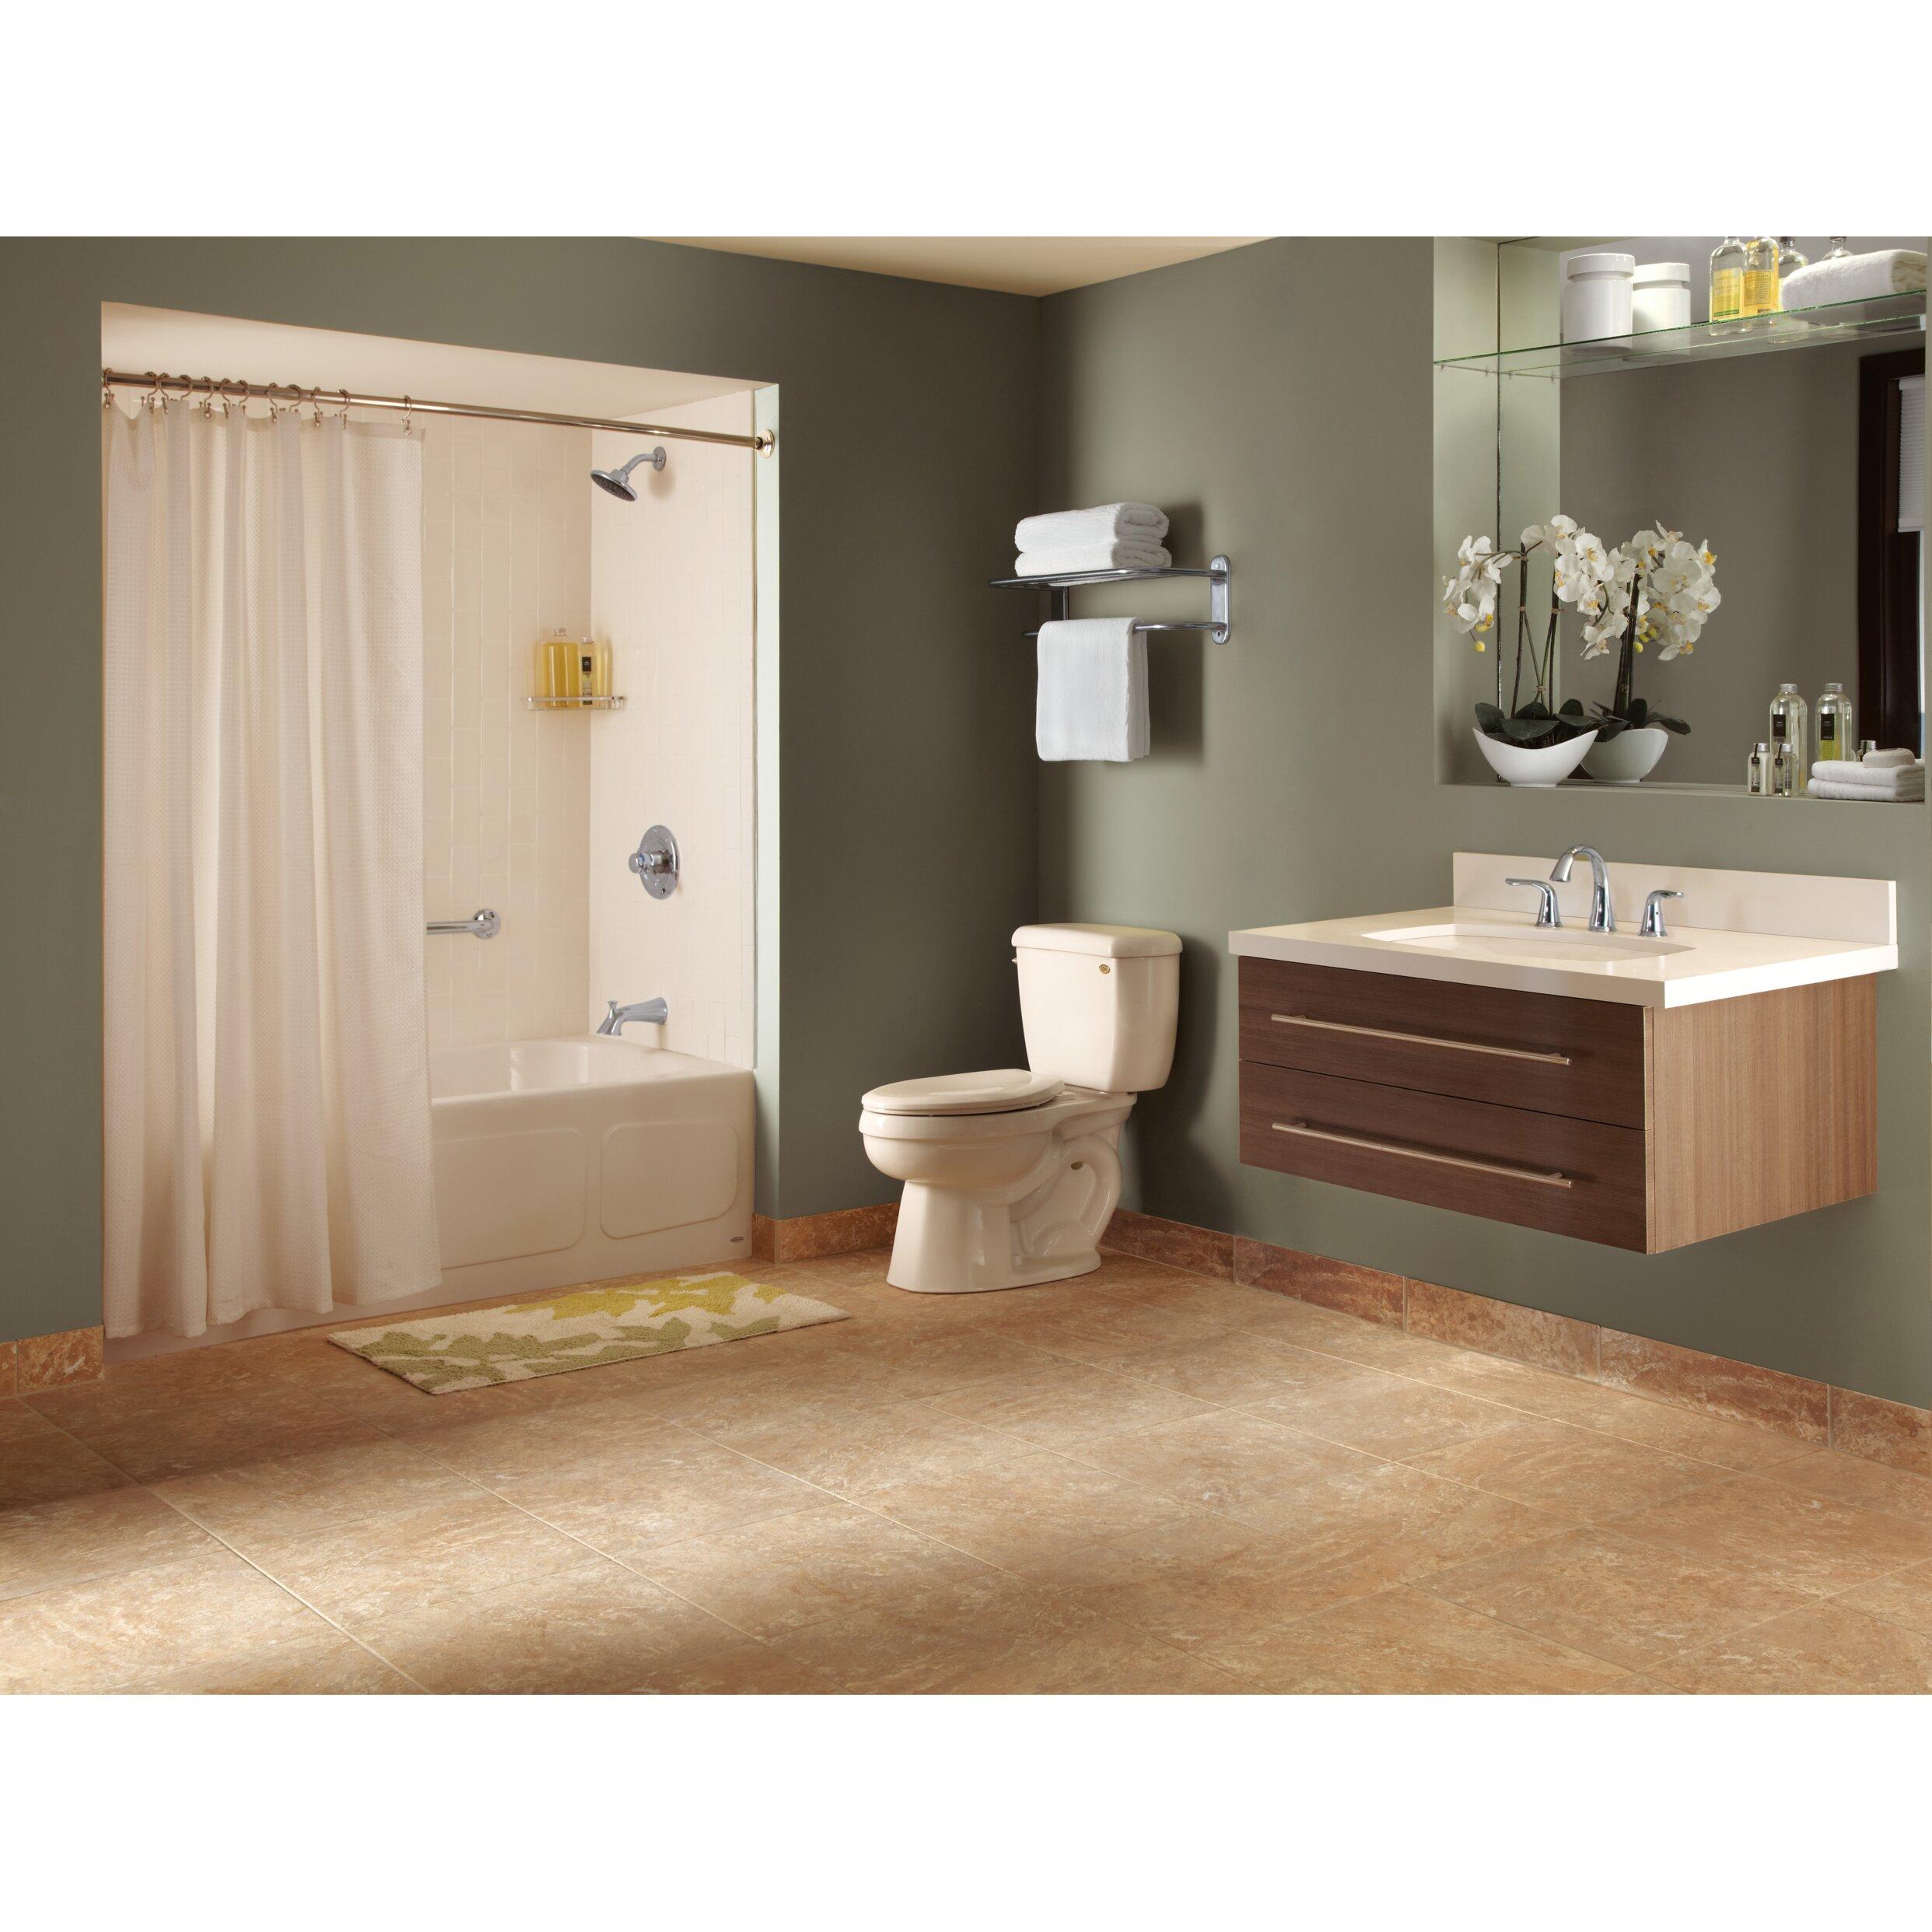 Delta Lahara Double Handle Widespread Bathroom Faucet. Delta Lahara Double Handle Widespread Bathroom Faucet  amp  Reviews